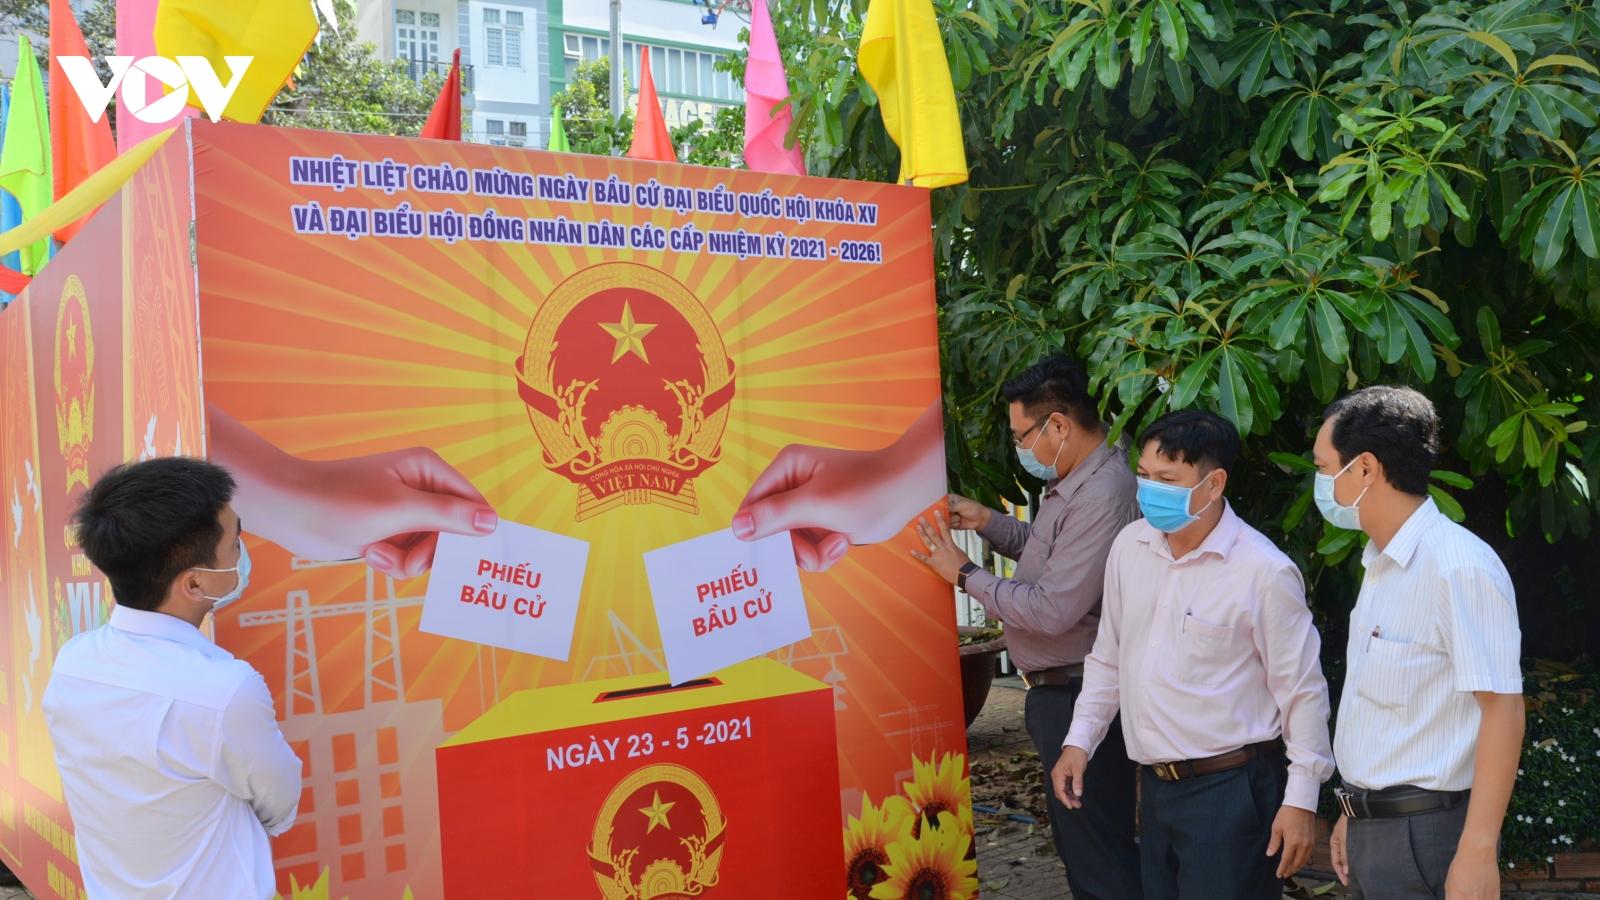 Ảnh: Các tỉnh, thành vùng ĐBSCL sẵn sàng cho ngày hội bầu cử